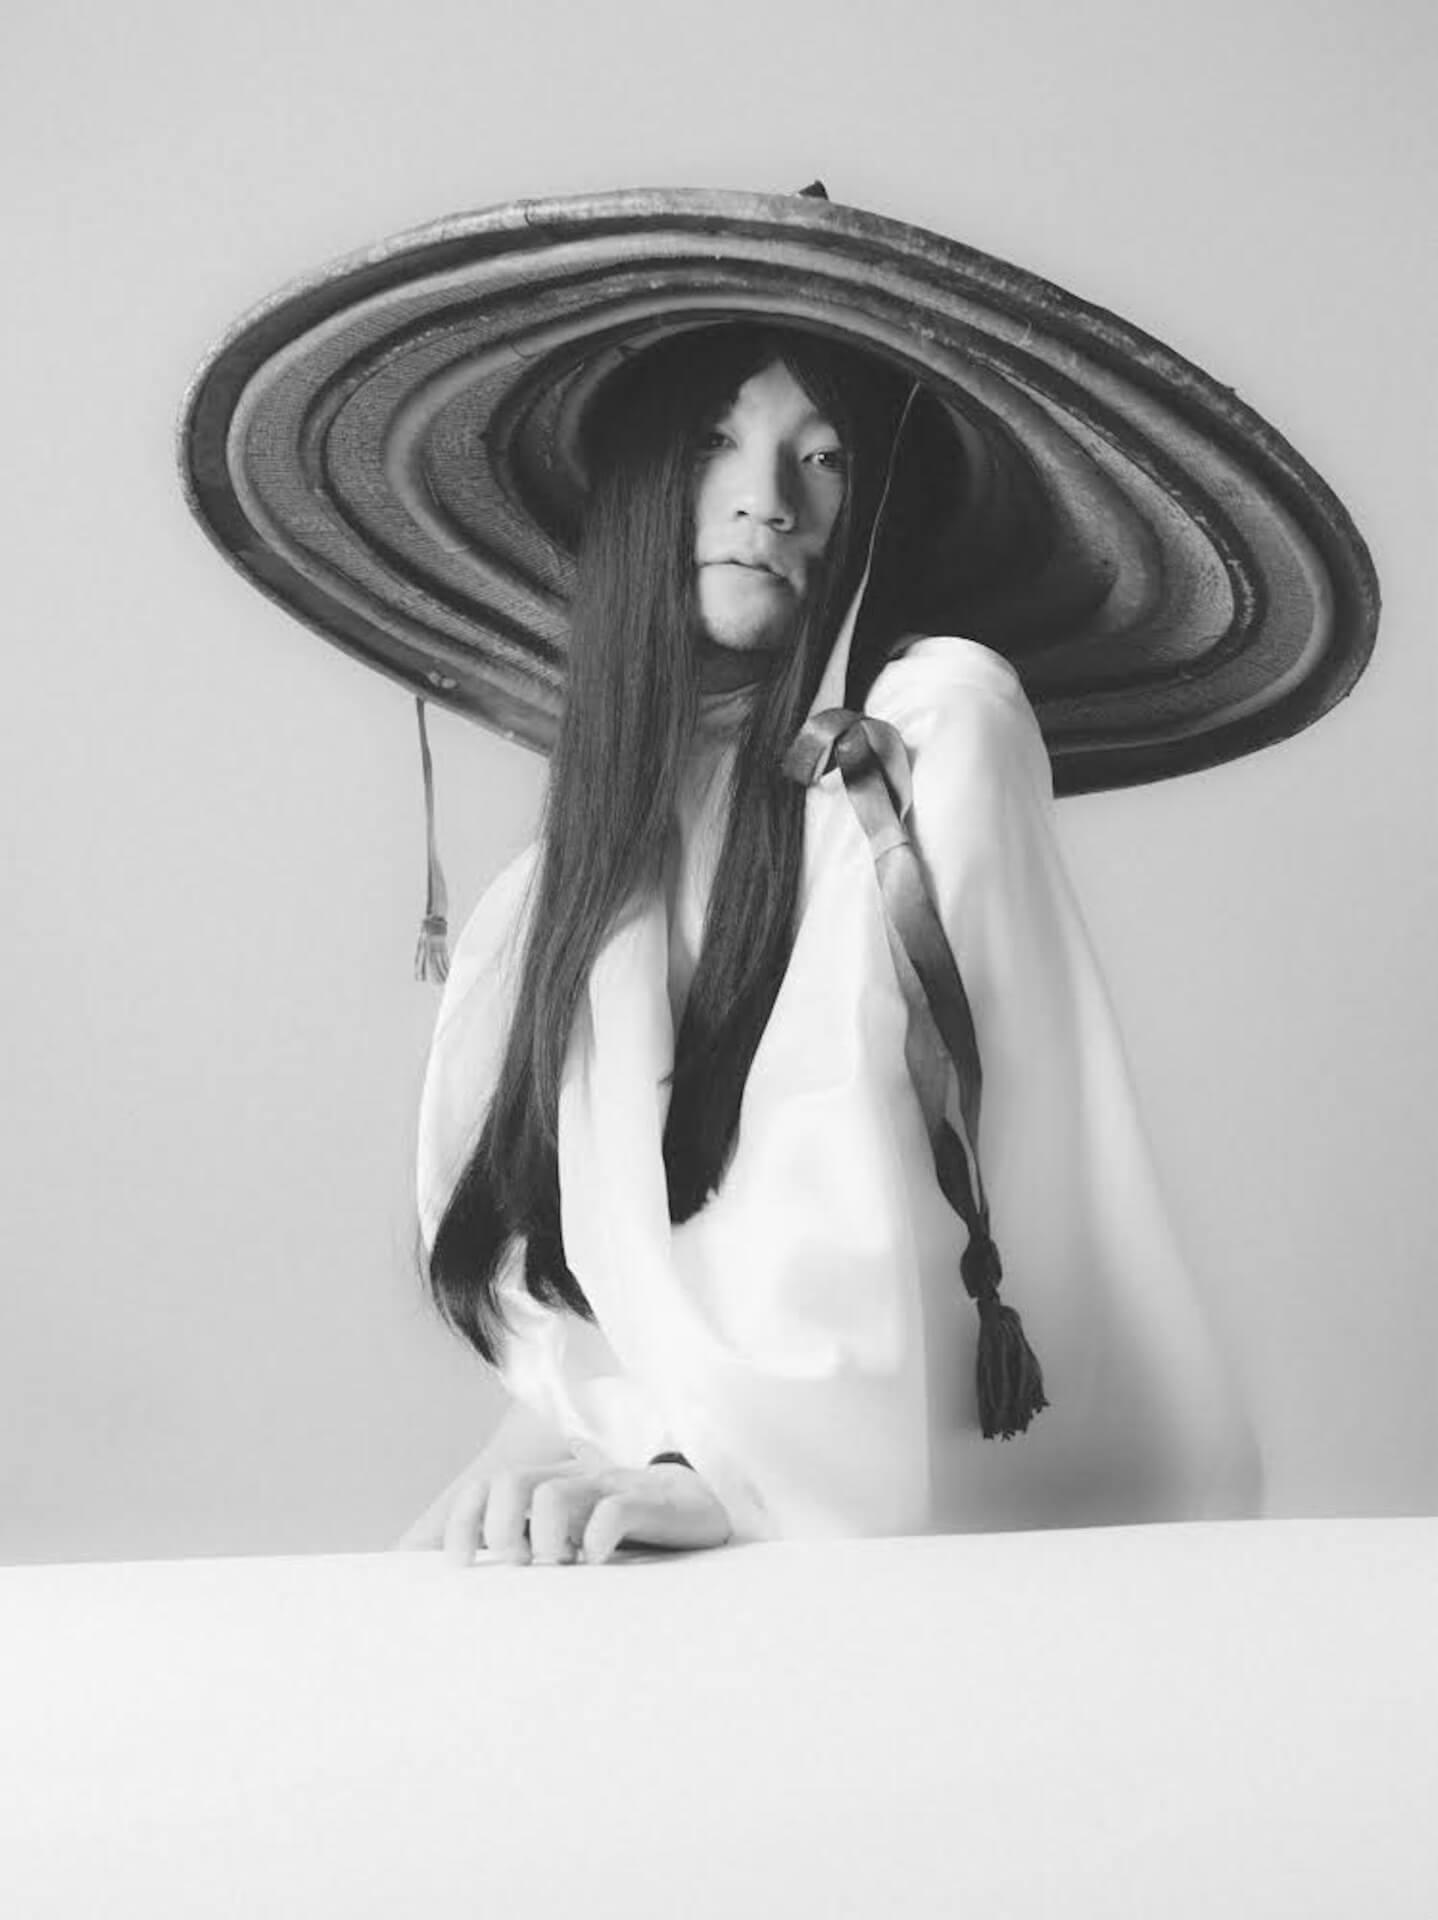 GEZANマヒト監督×森山未來主演『i ai』のキャストオーディションが実施決定!マヒトからのメッセージも film210721_i_ai_4